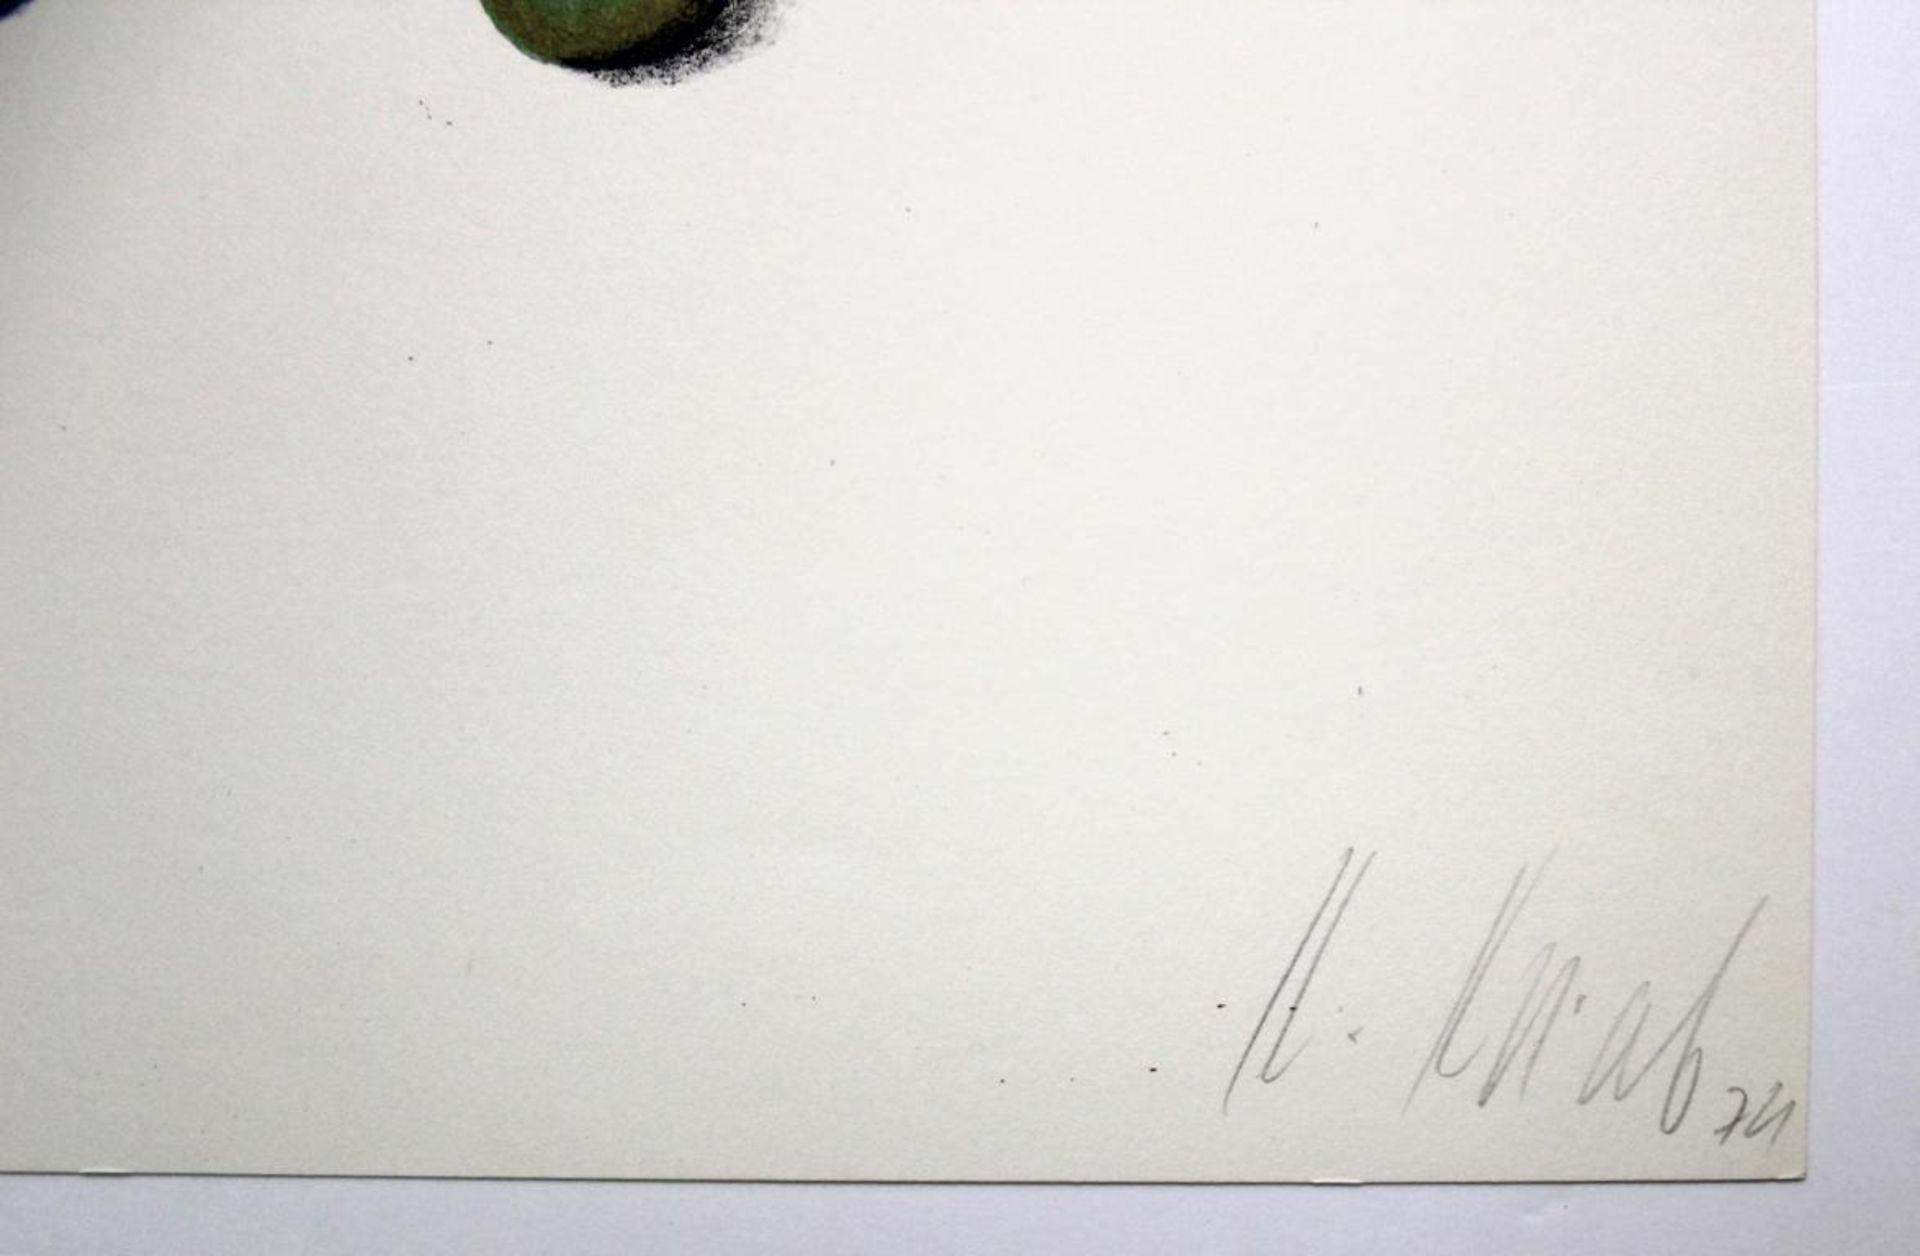 Korab Karl (geb. 1937) Ohne Titel 1974 Farblithographie handsigniert, datiert und nummeriert ed. - Bild 2 aus 3